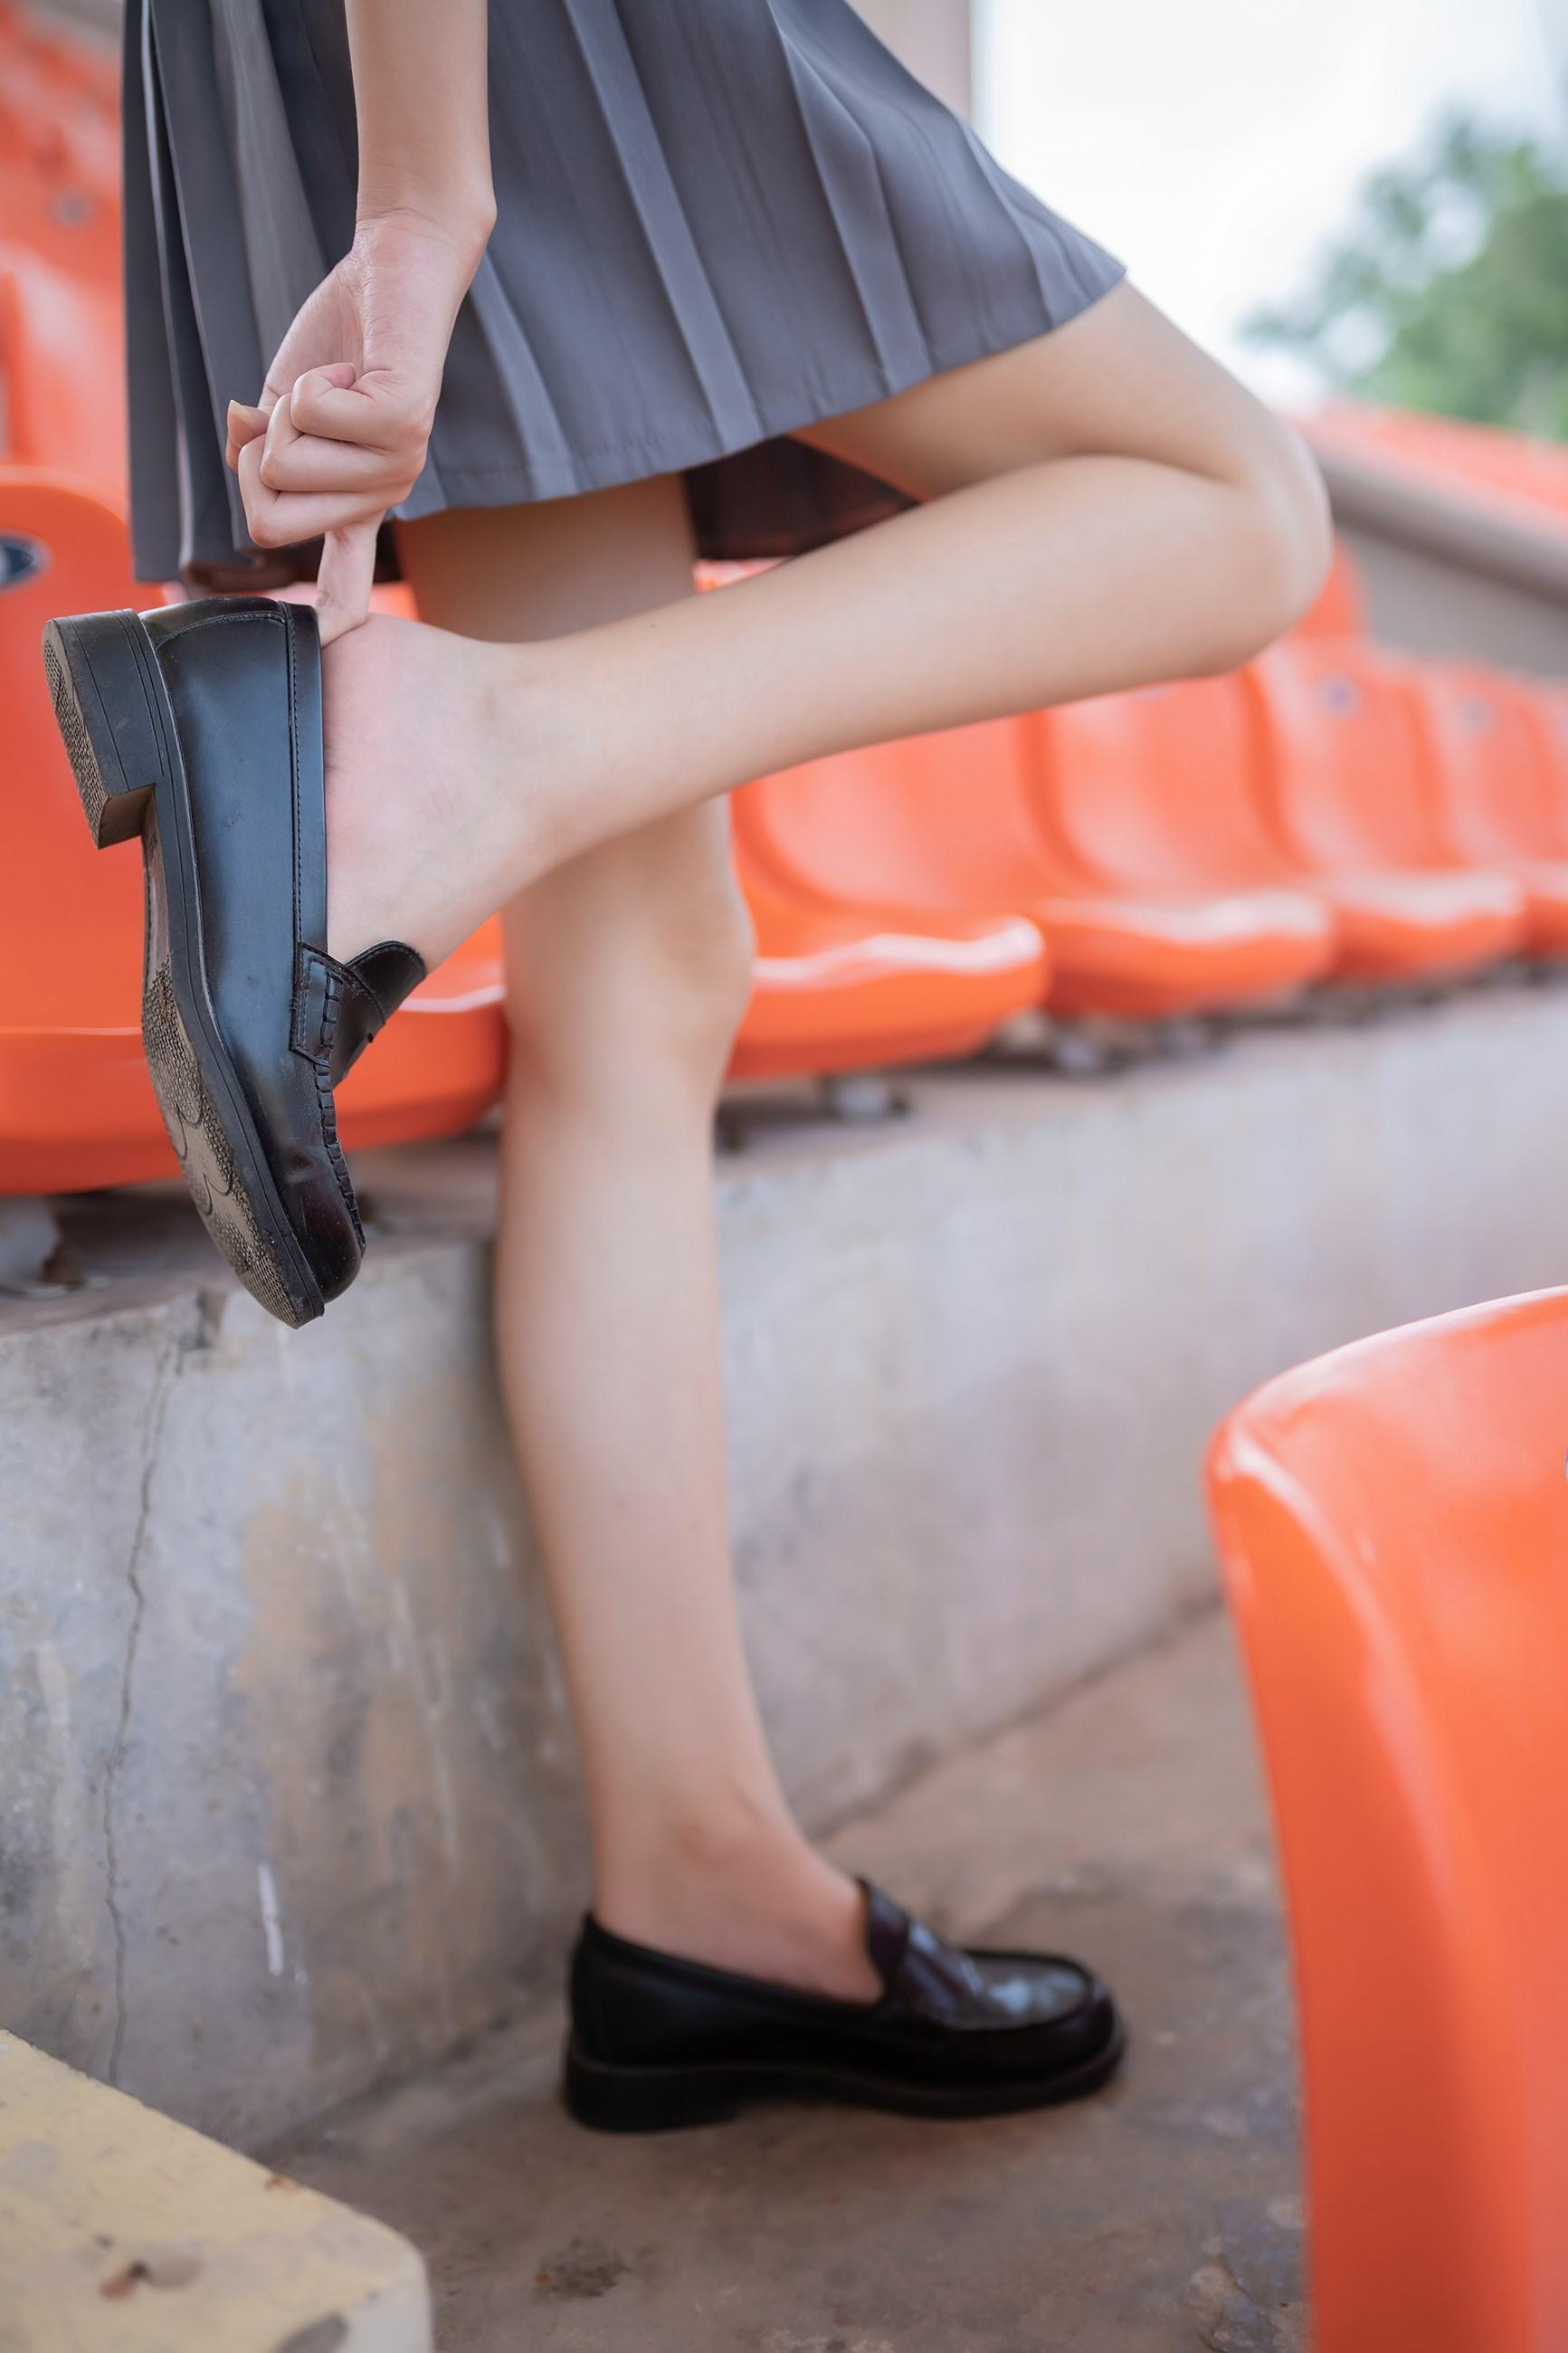 【兔玩映画】看台上的果腿少女 兔玩映画 第28张